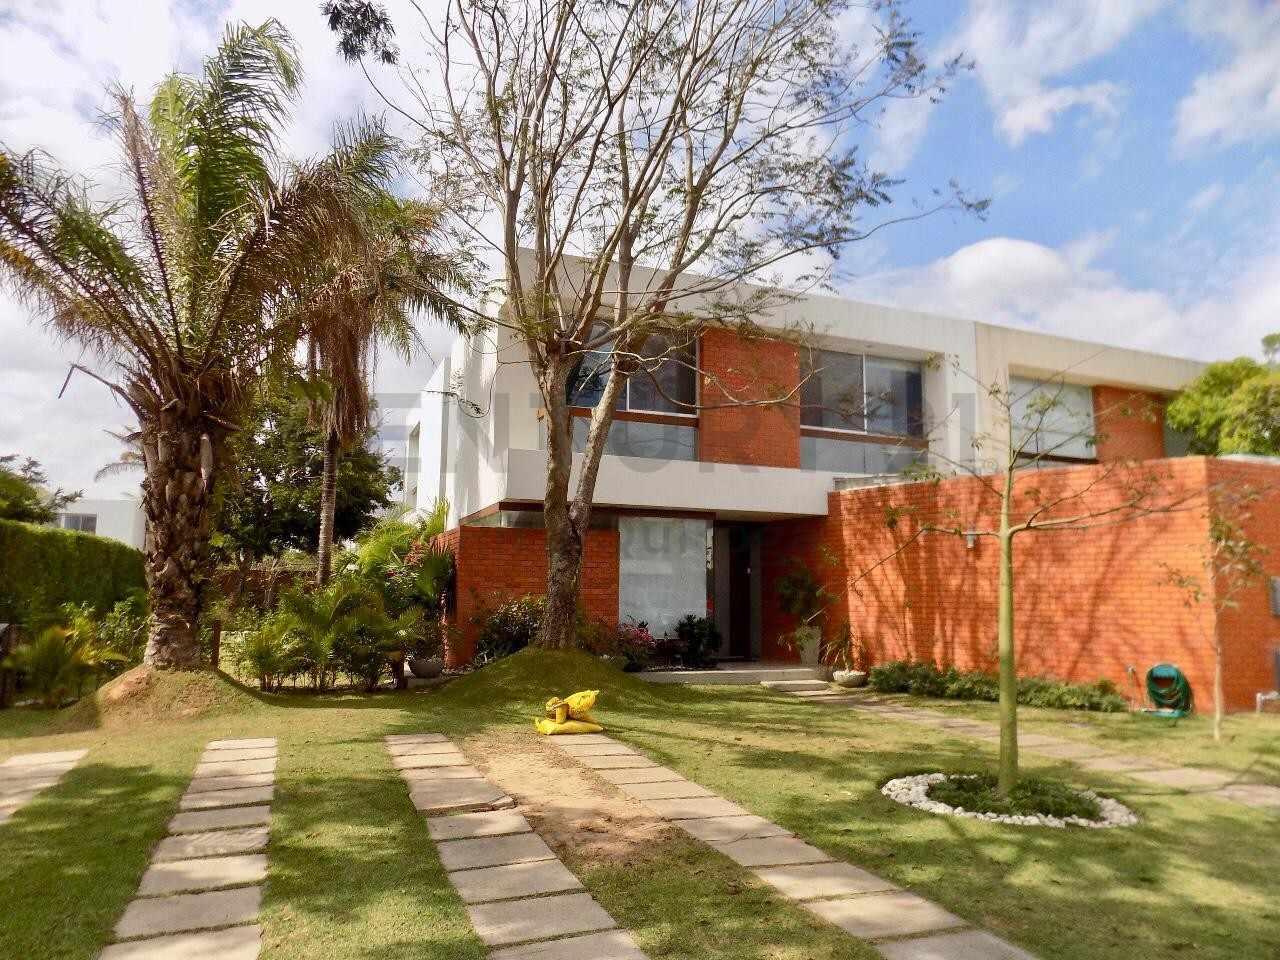 Casa en Alquiler CASA EN AQUILER CONDOMINIO COSTA LOS BATOS URUBO Foto 1